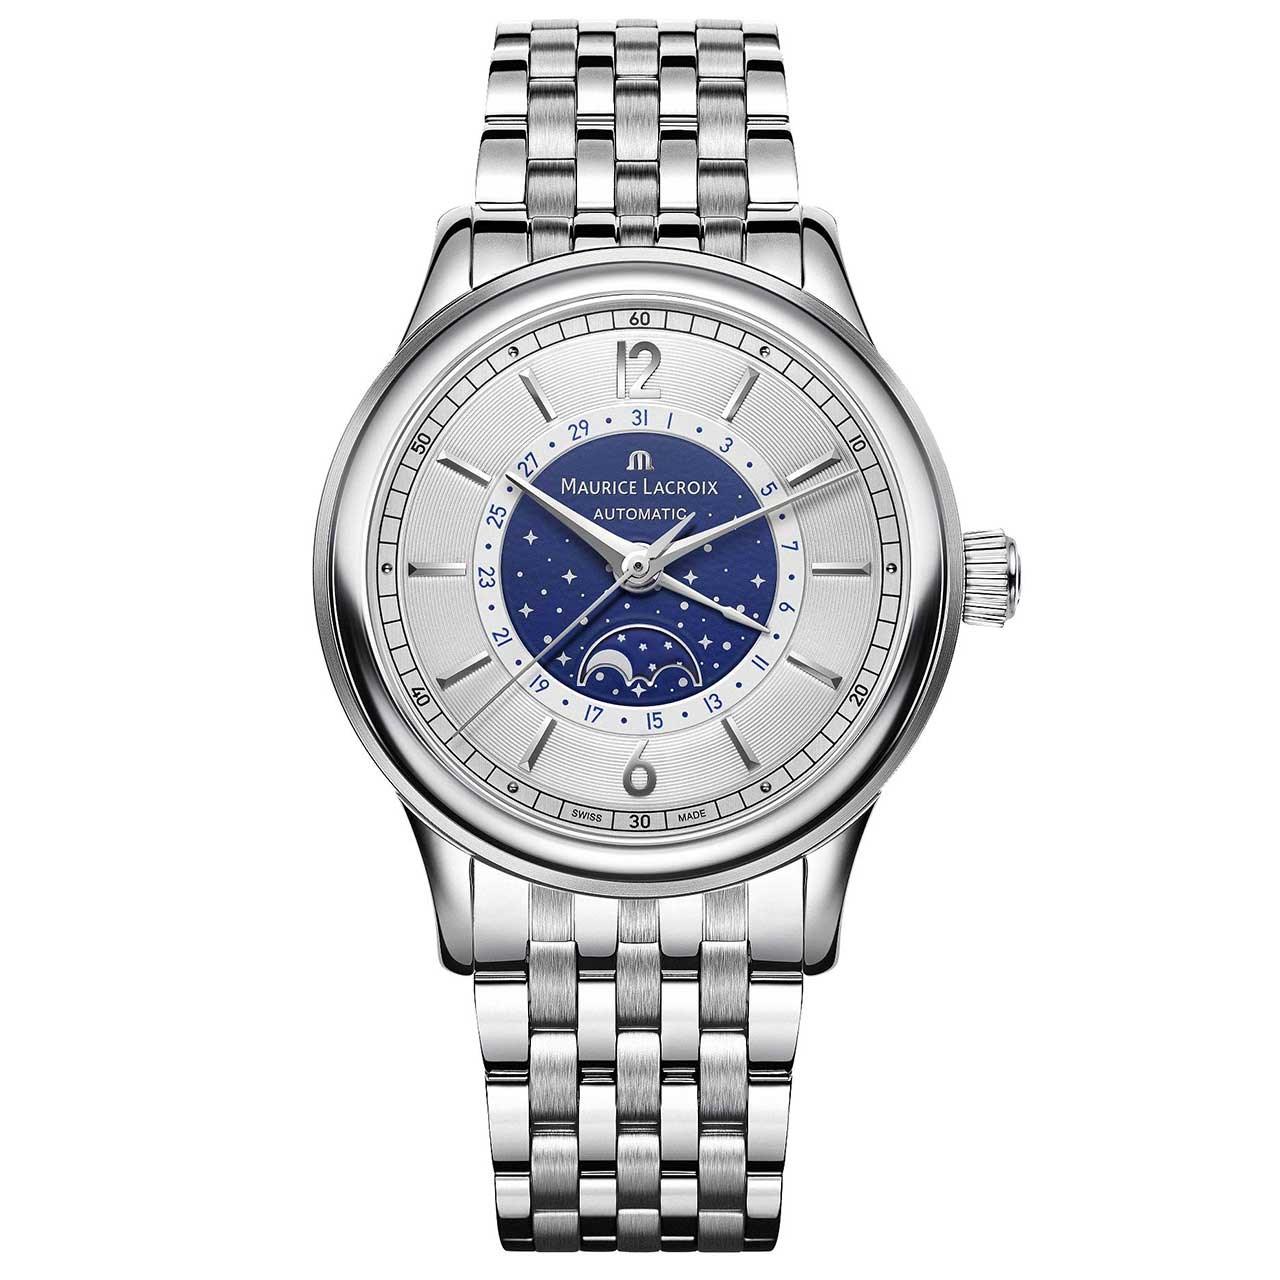 ساعت مچی  مردانه موریس لاکروا مدل LC6168-SS002-122-1              اصل